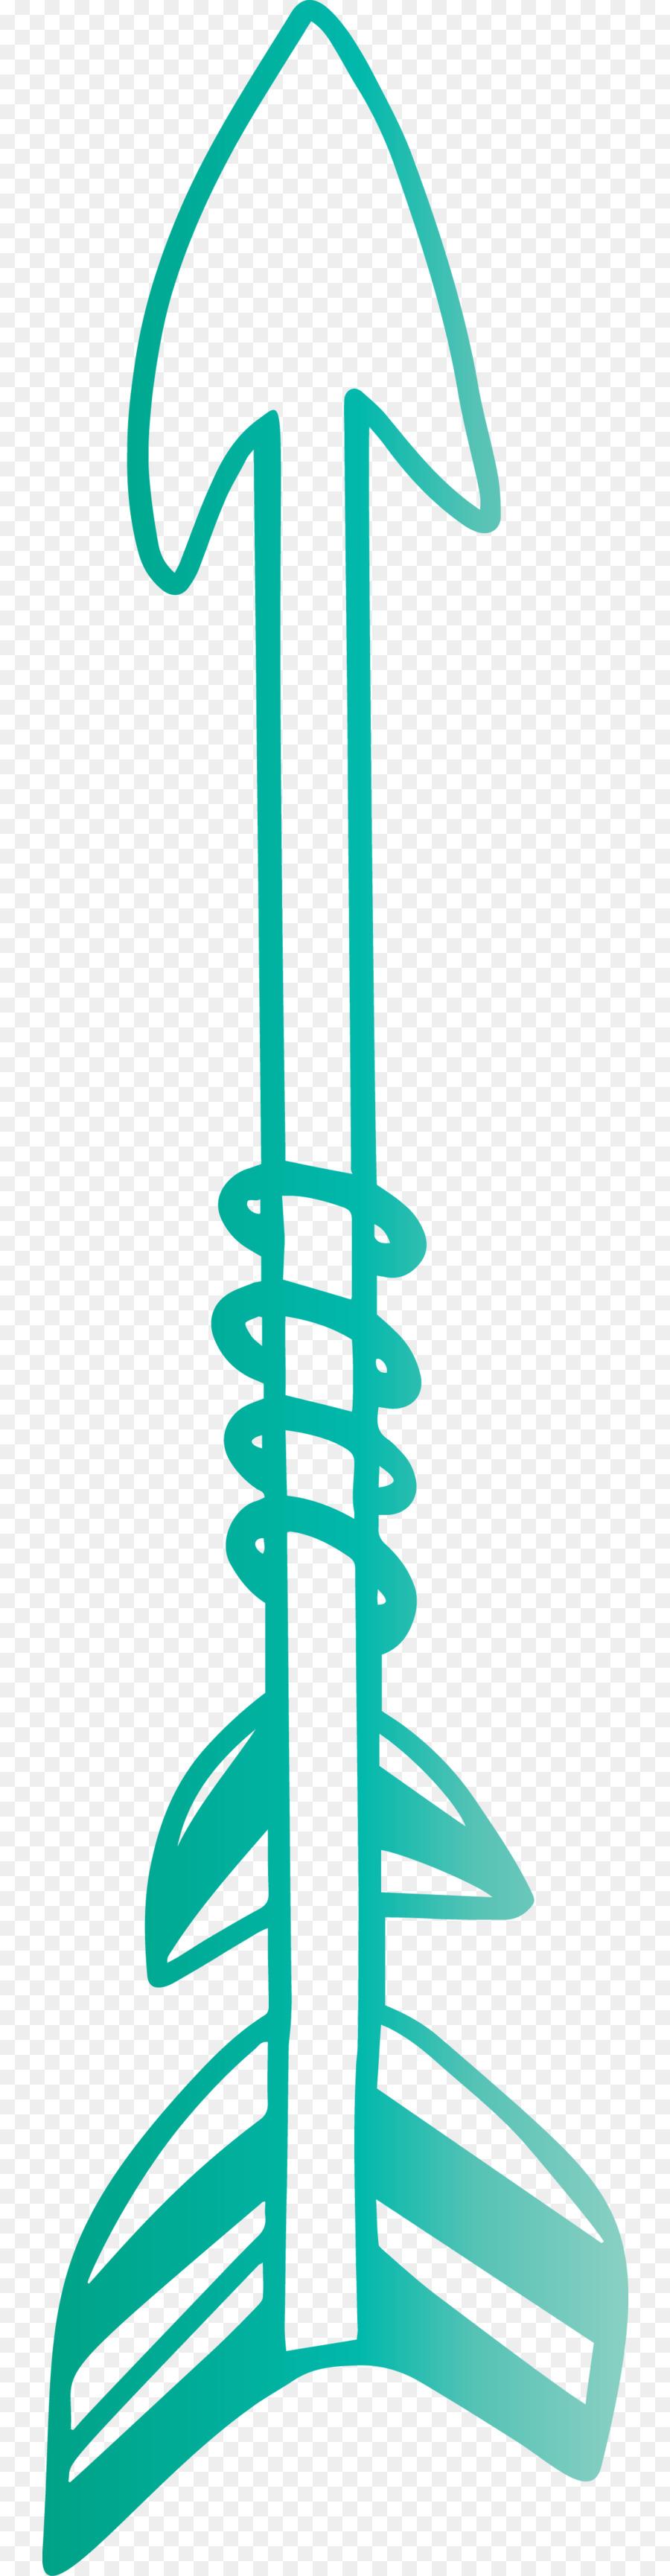 Descarga gratuita de Hoja, Línea, Verde Imágen de Png